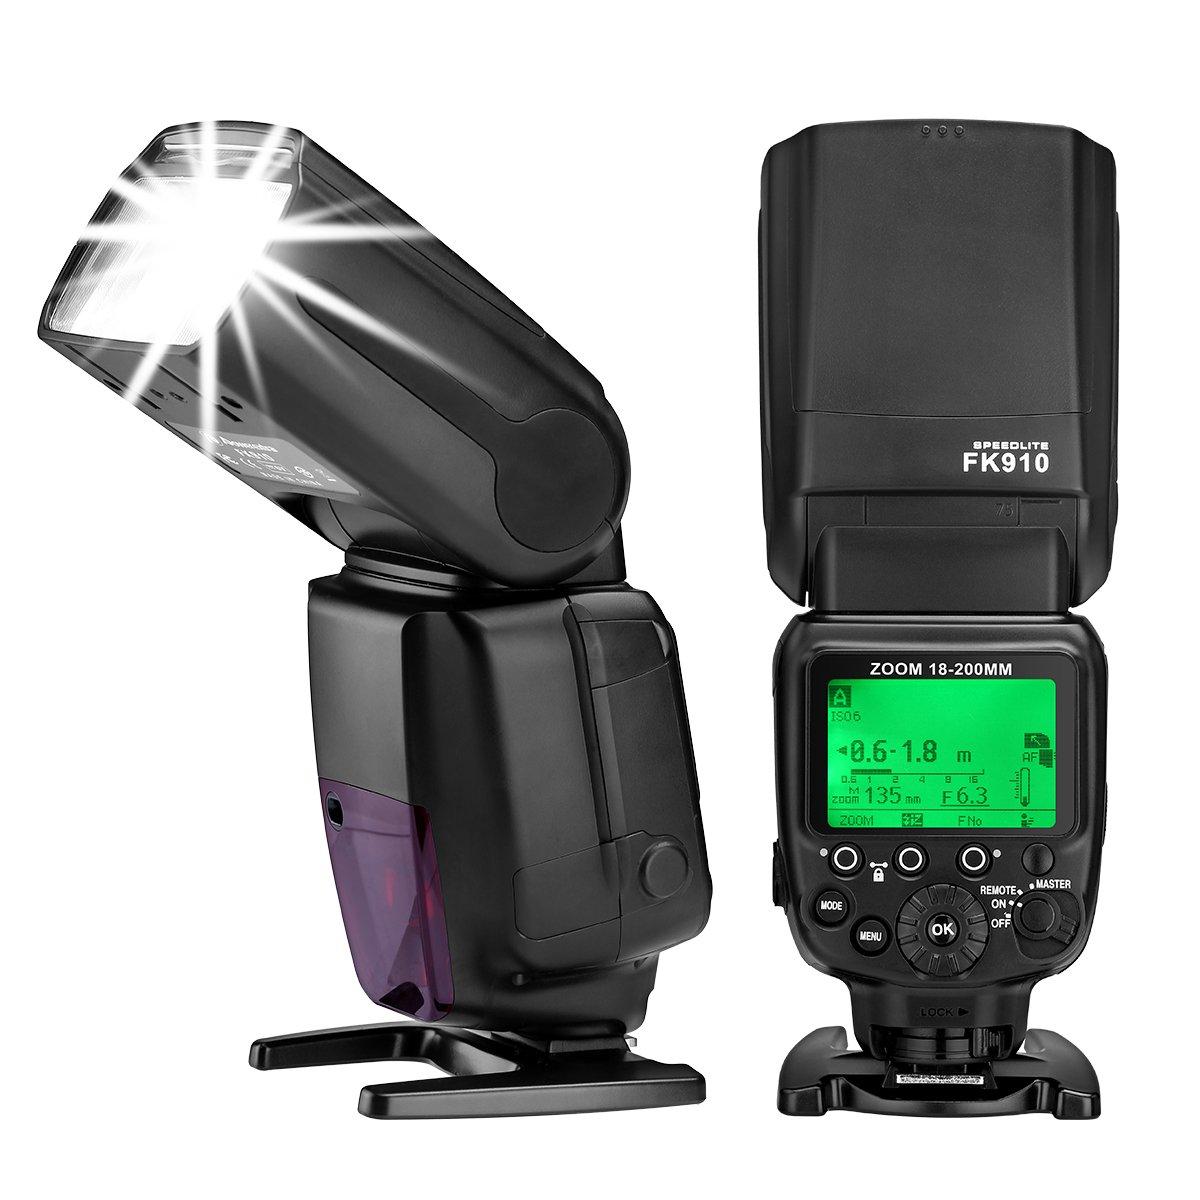 Powerextra i-TTL GN60 HSS 1/8000s Flash Speedlite Master Slave AF Assist Lamp Speedlight for Nikon D70 D50 D80 D3200 D3300 D5300 D500 D800 D600 D300 D750 D60 D7200 & Others Nikon DSLR Cameras